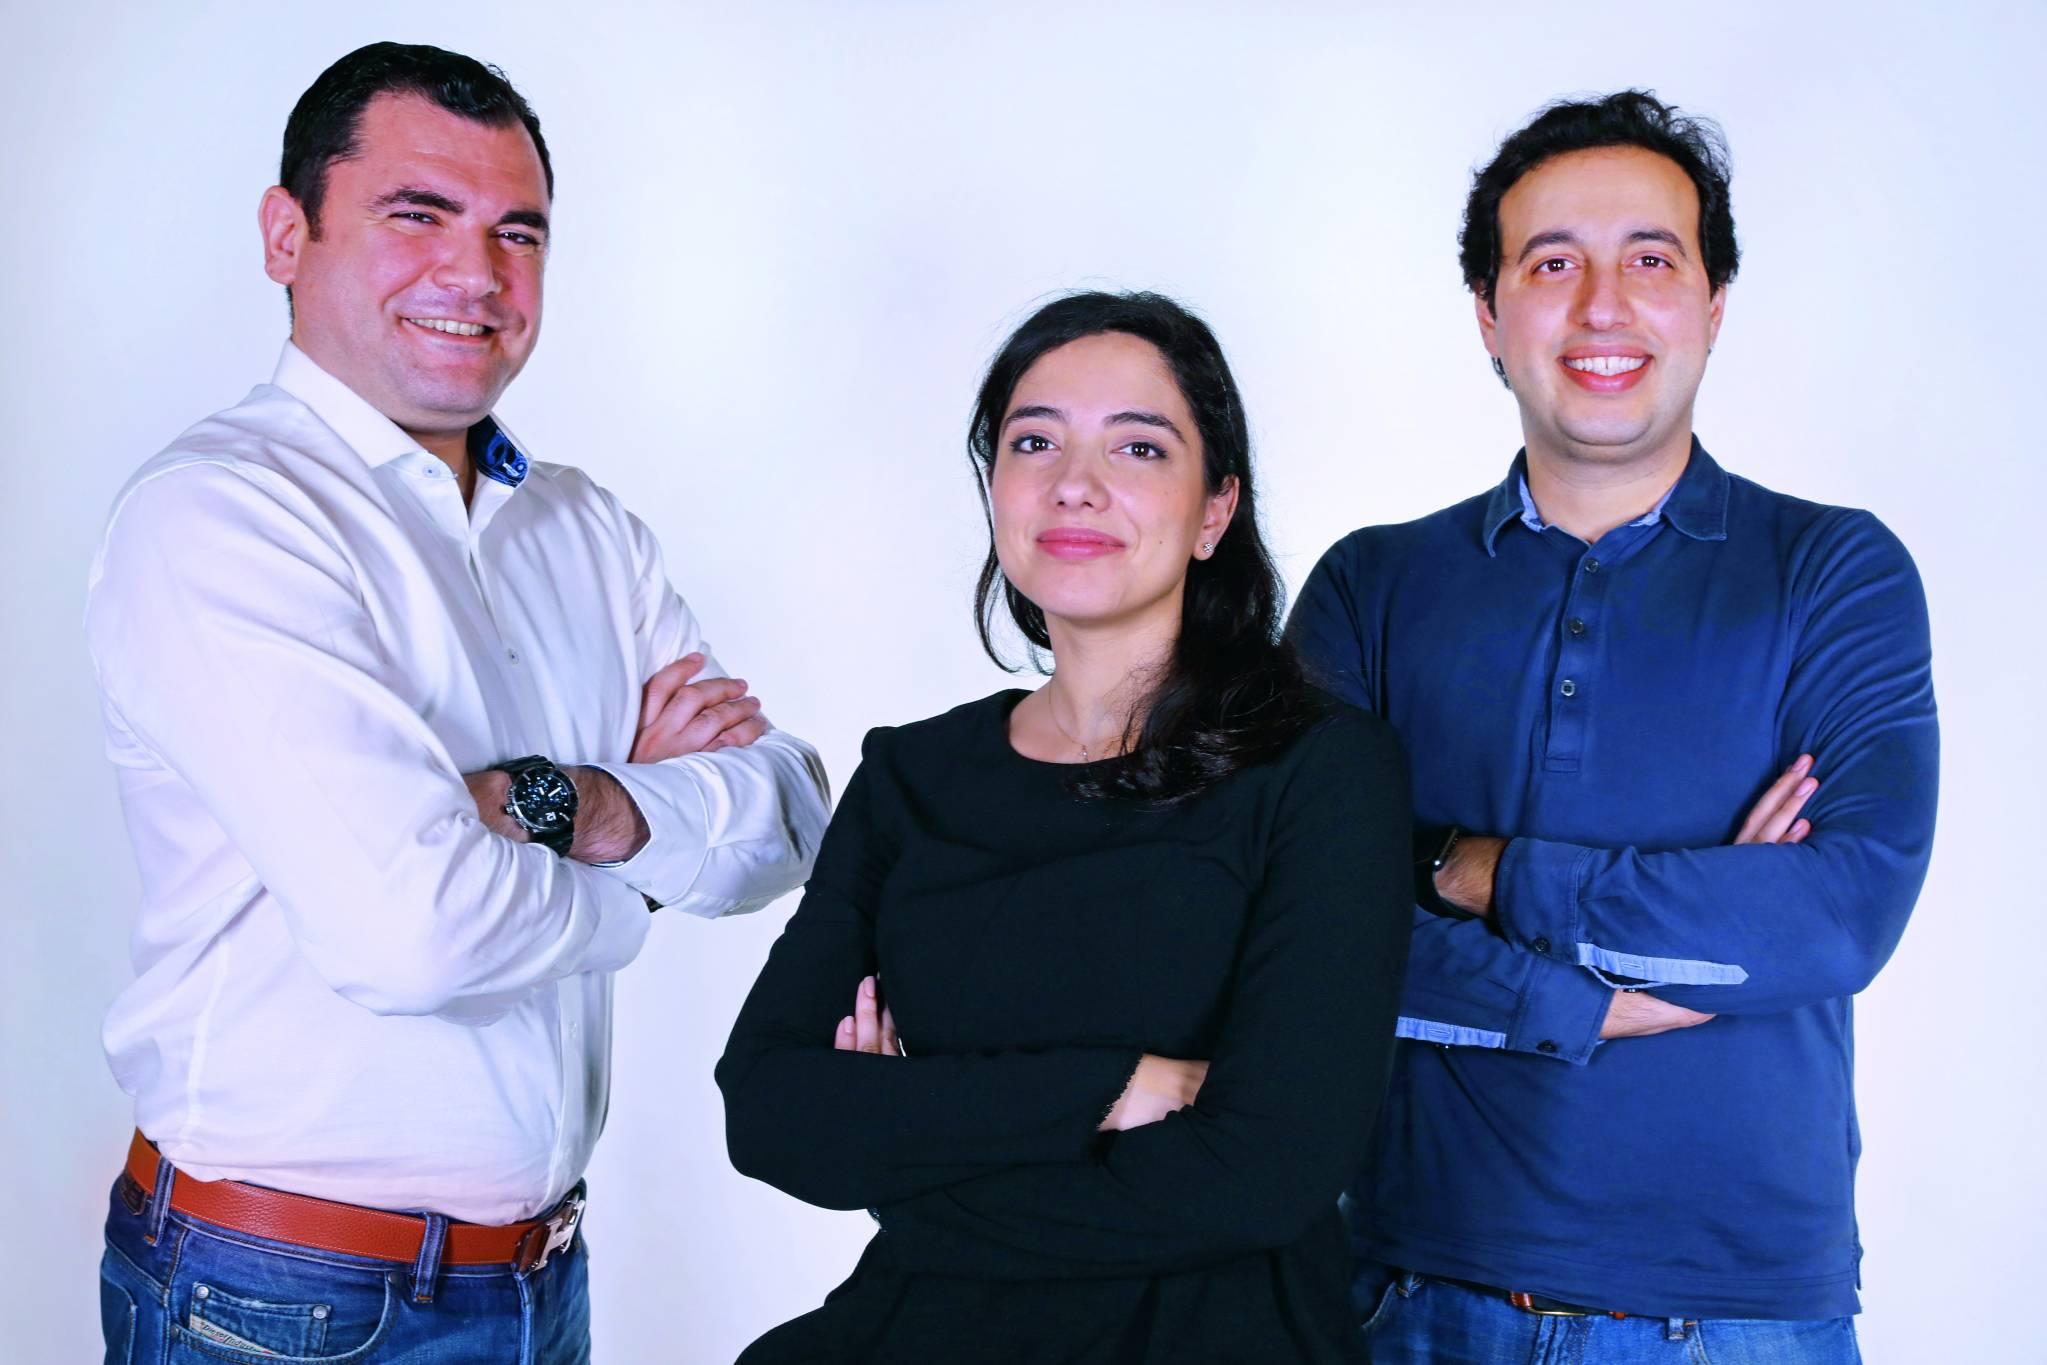 Les fondateurs de Sohati s'associent à Philippe Rizk pour lancer Sohati Care, un site de parapharmacie